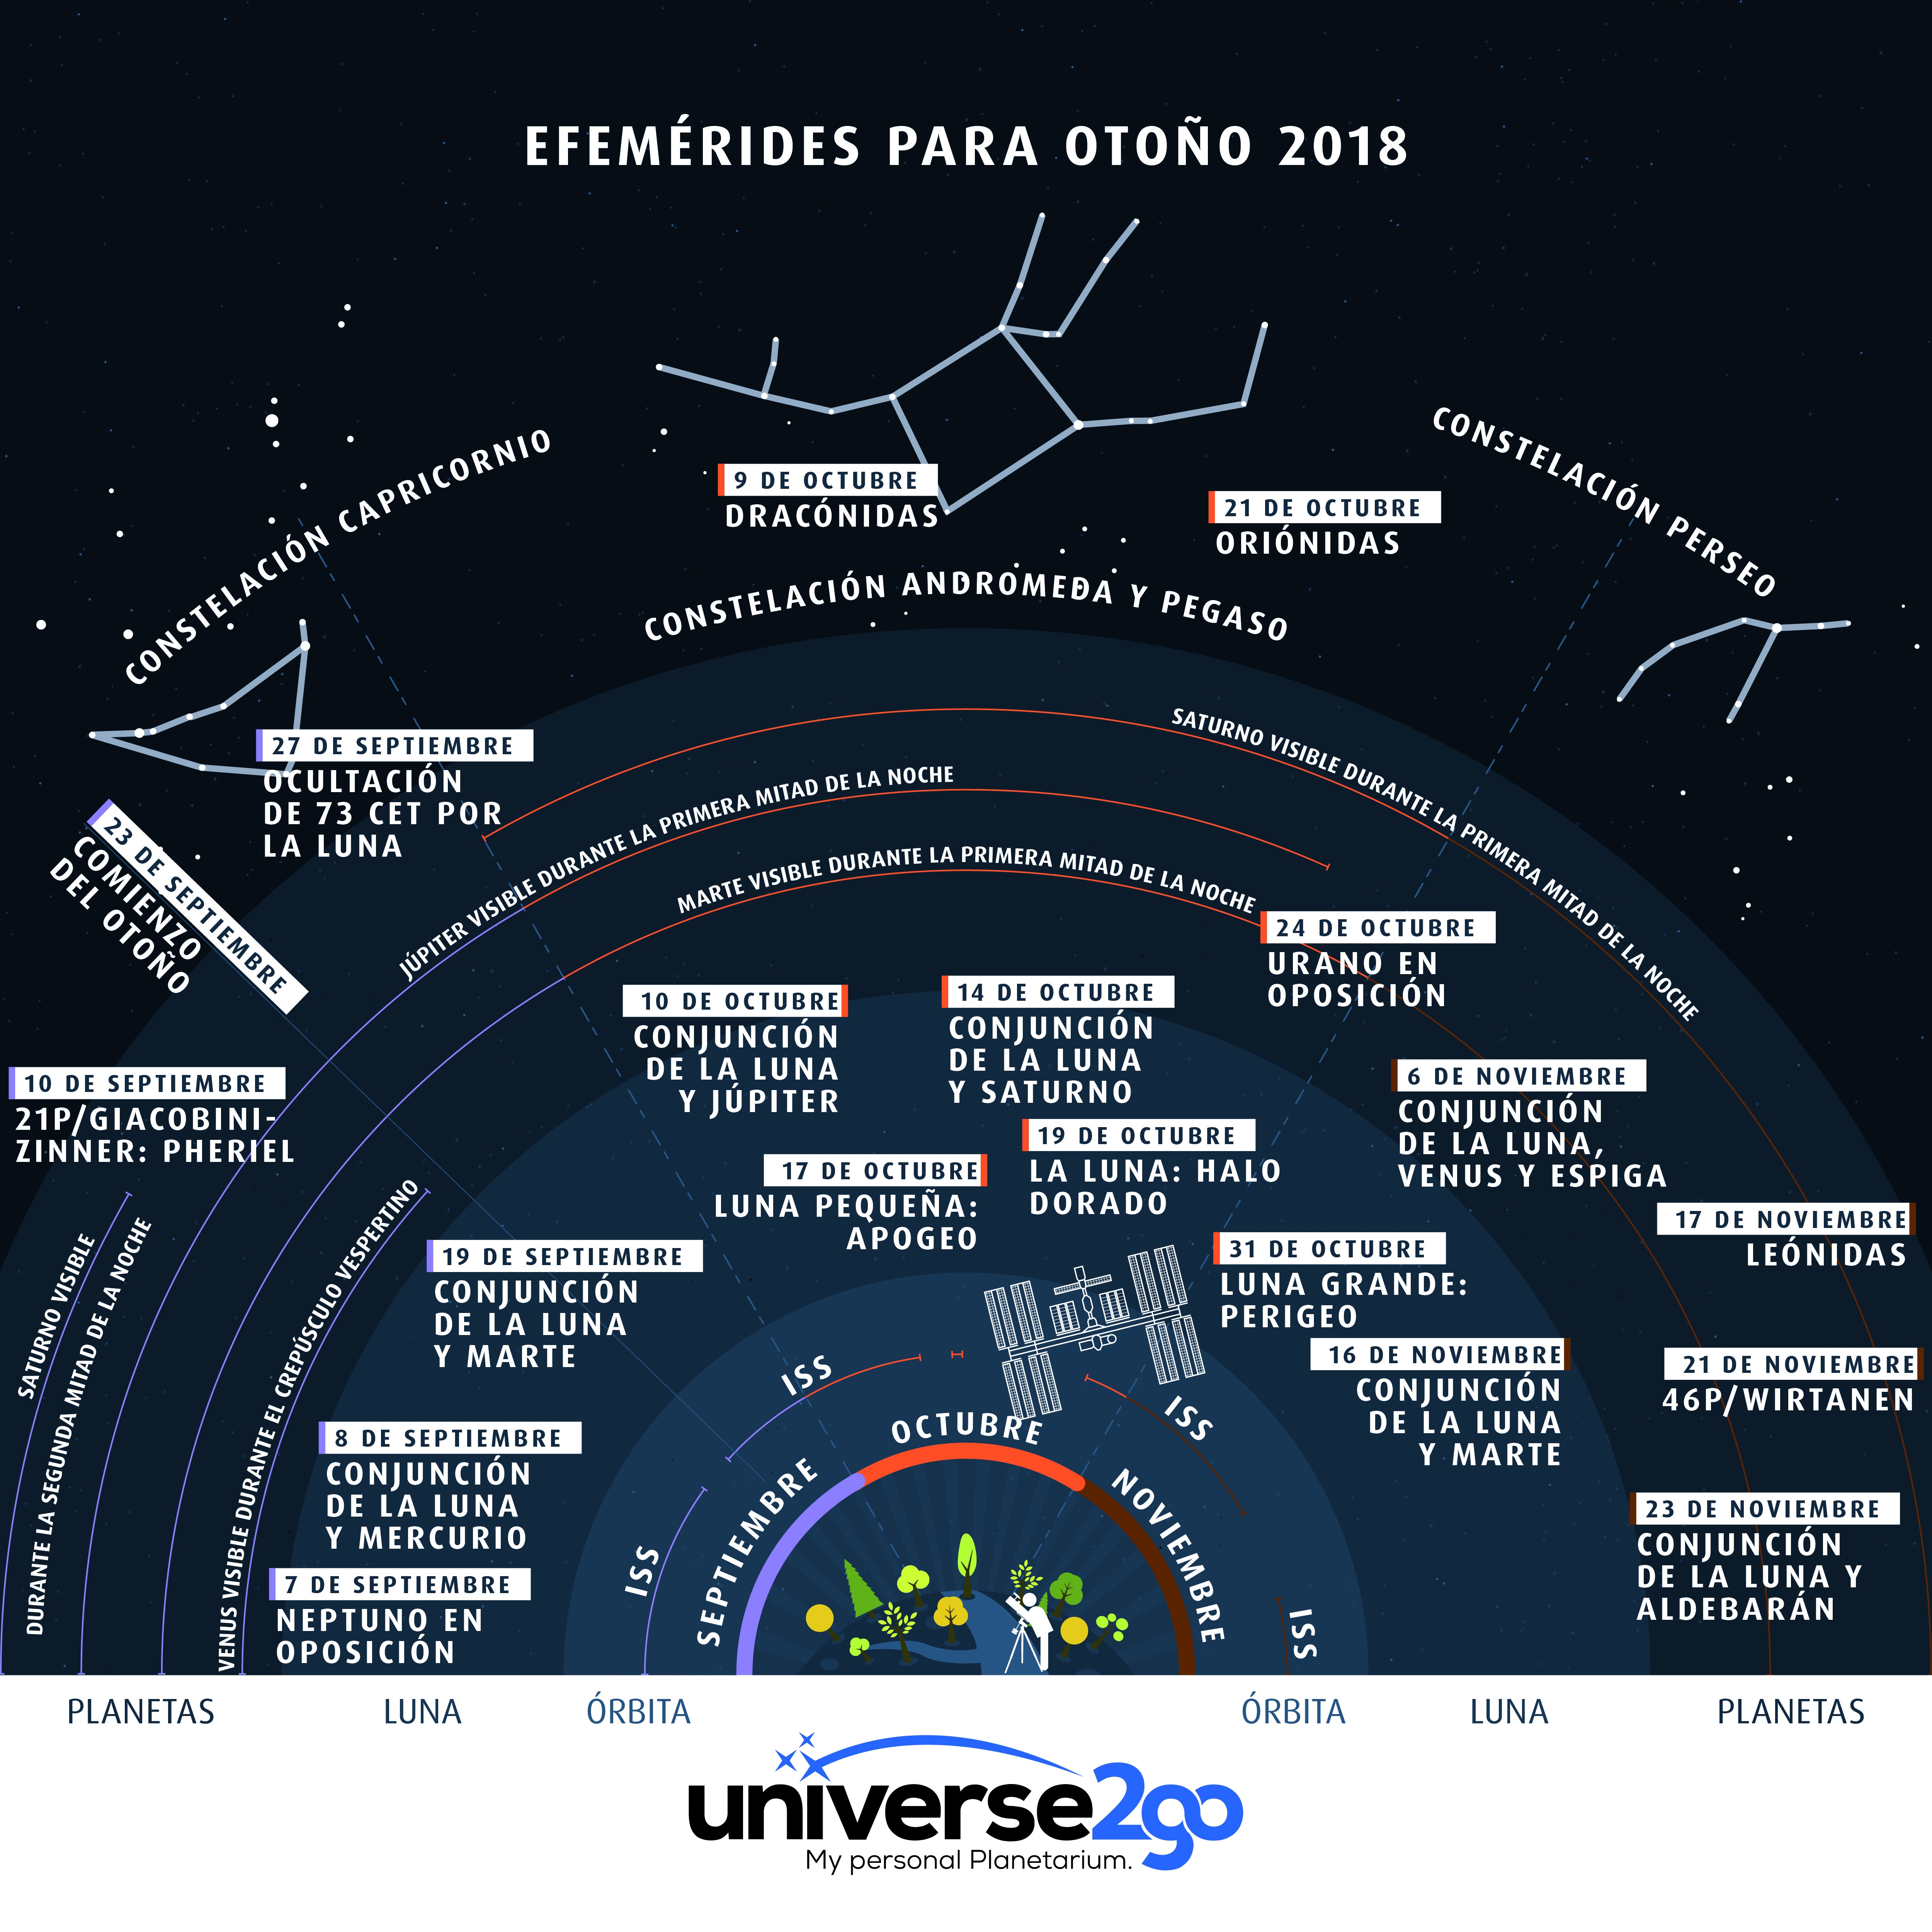 El calendario astronómico para los próximos tres meses: nuestra más reciente infografía-Efemérides-en-las noches de otoño-2018